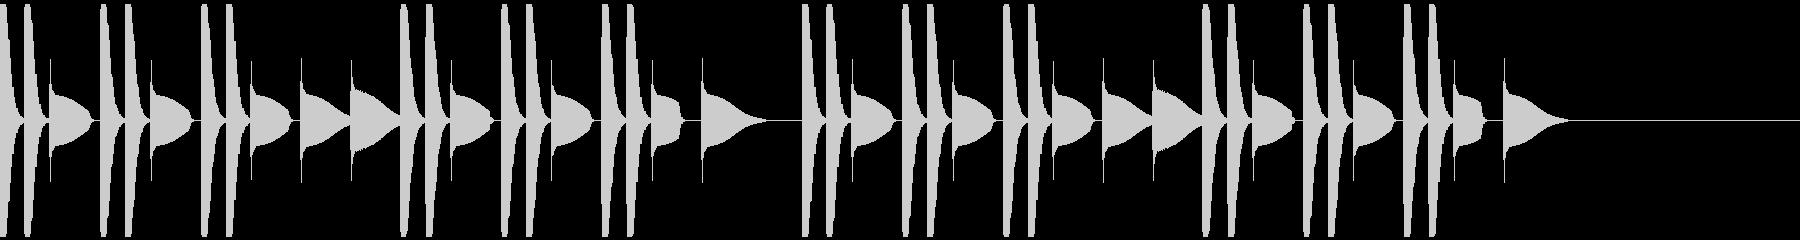 ポコポコ電子ドラム音の未再生の波形